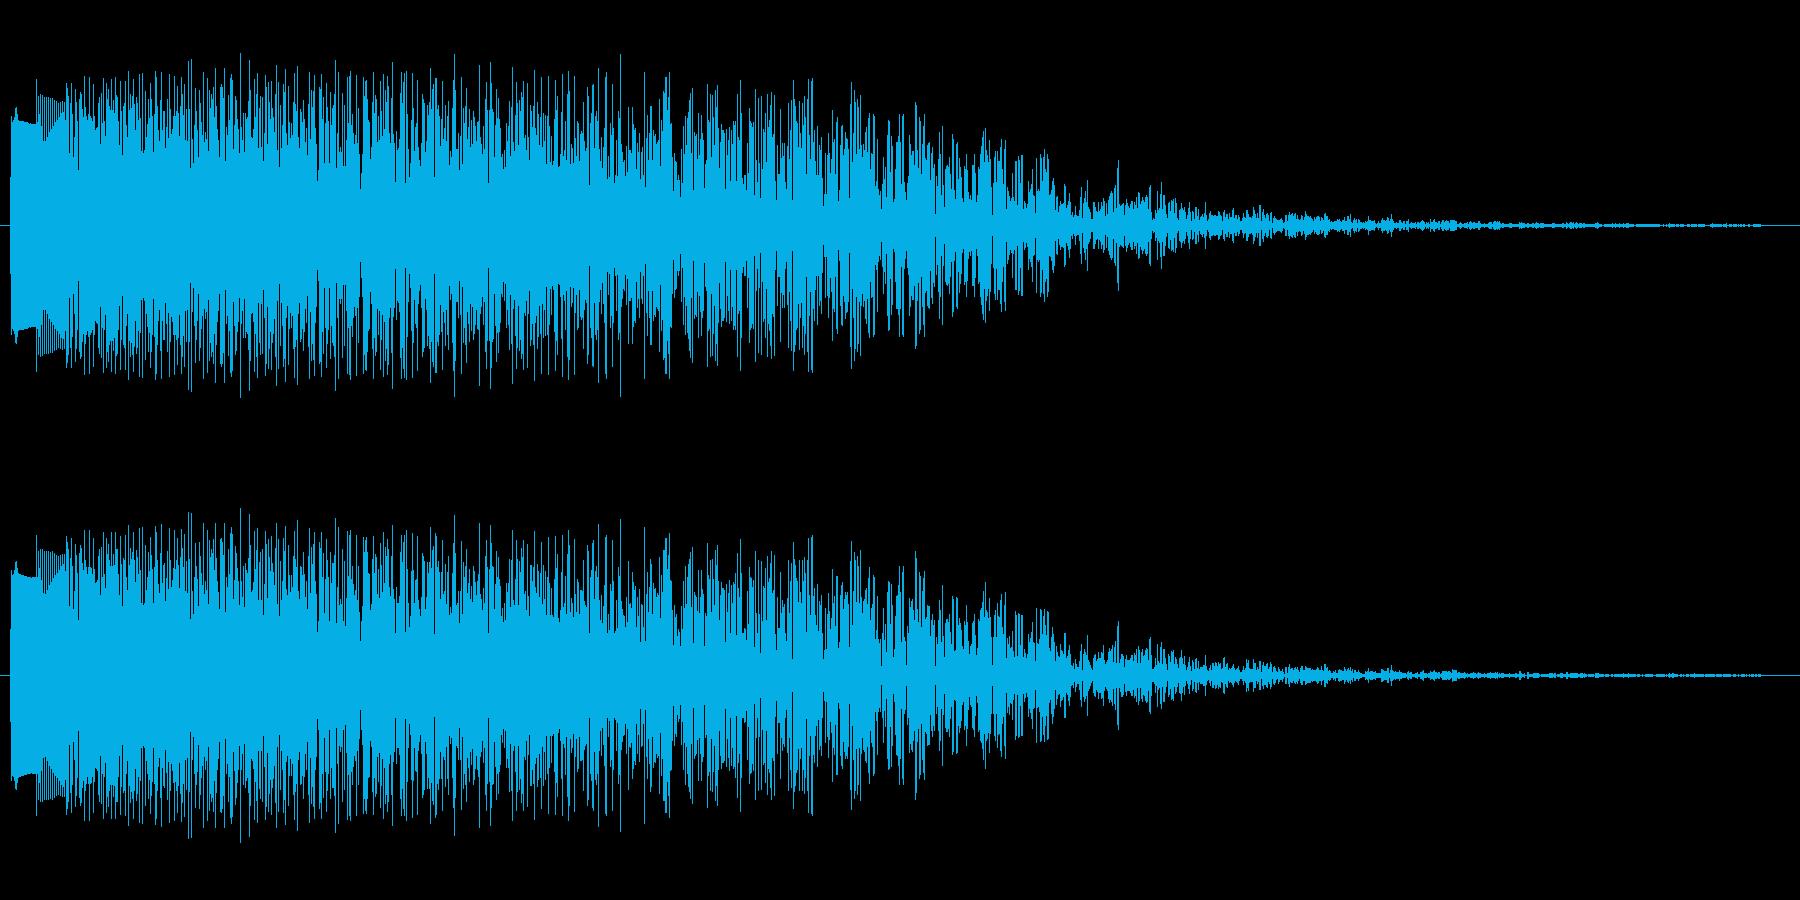 キラキラキラン(指が鍵盤を横に滑る音)の再生済みの波形